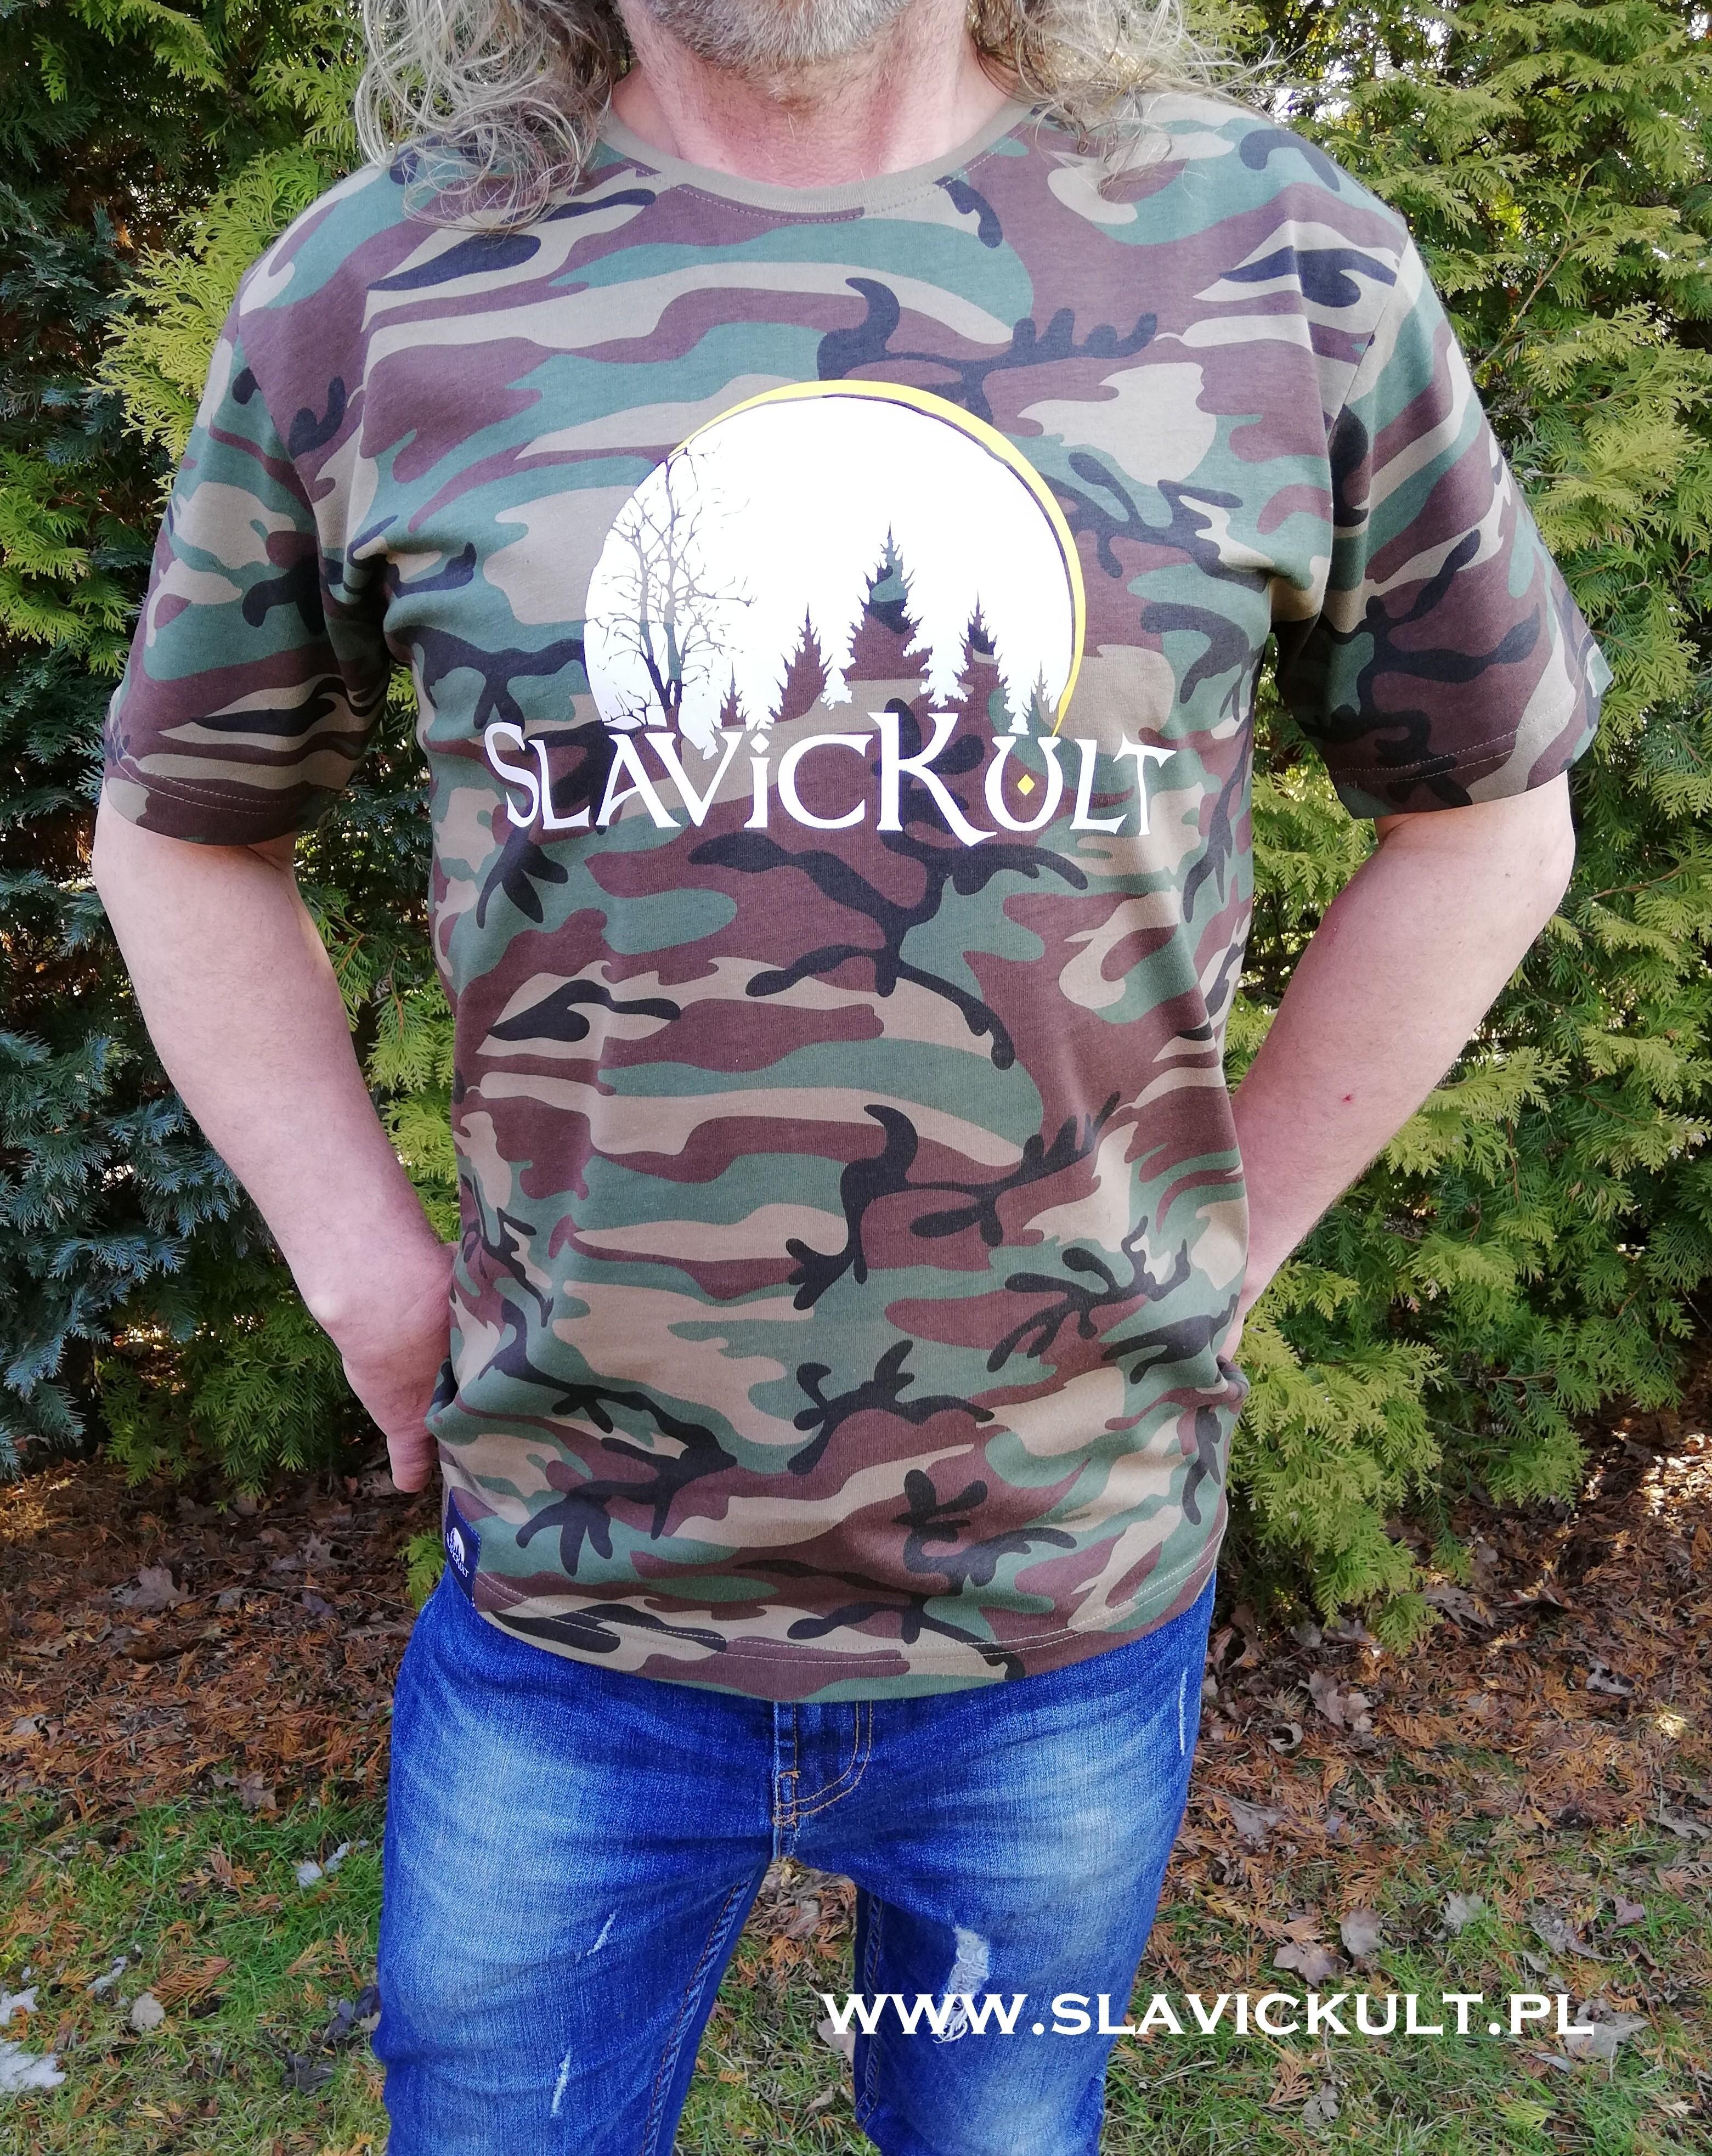 Koszulka Slavickult Moro Męska